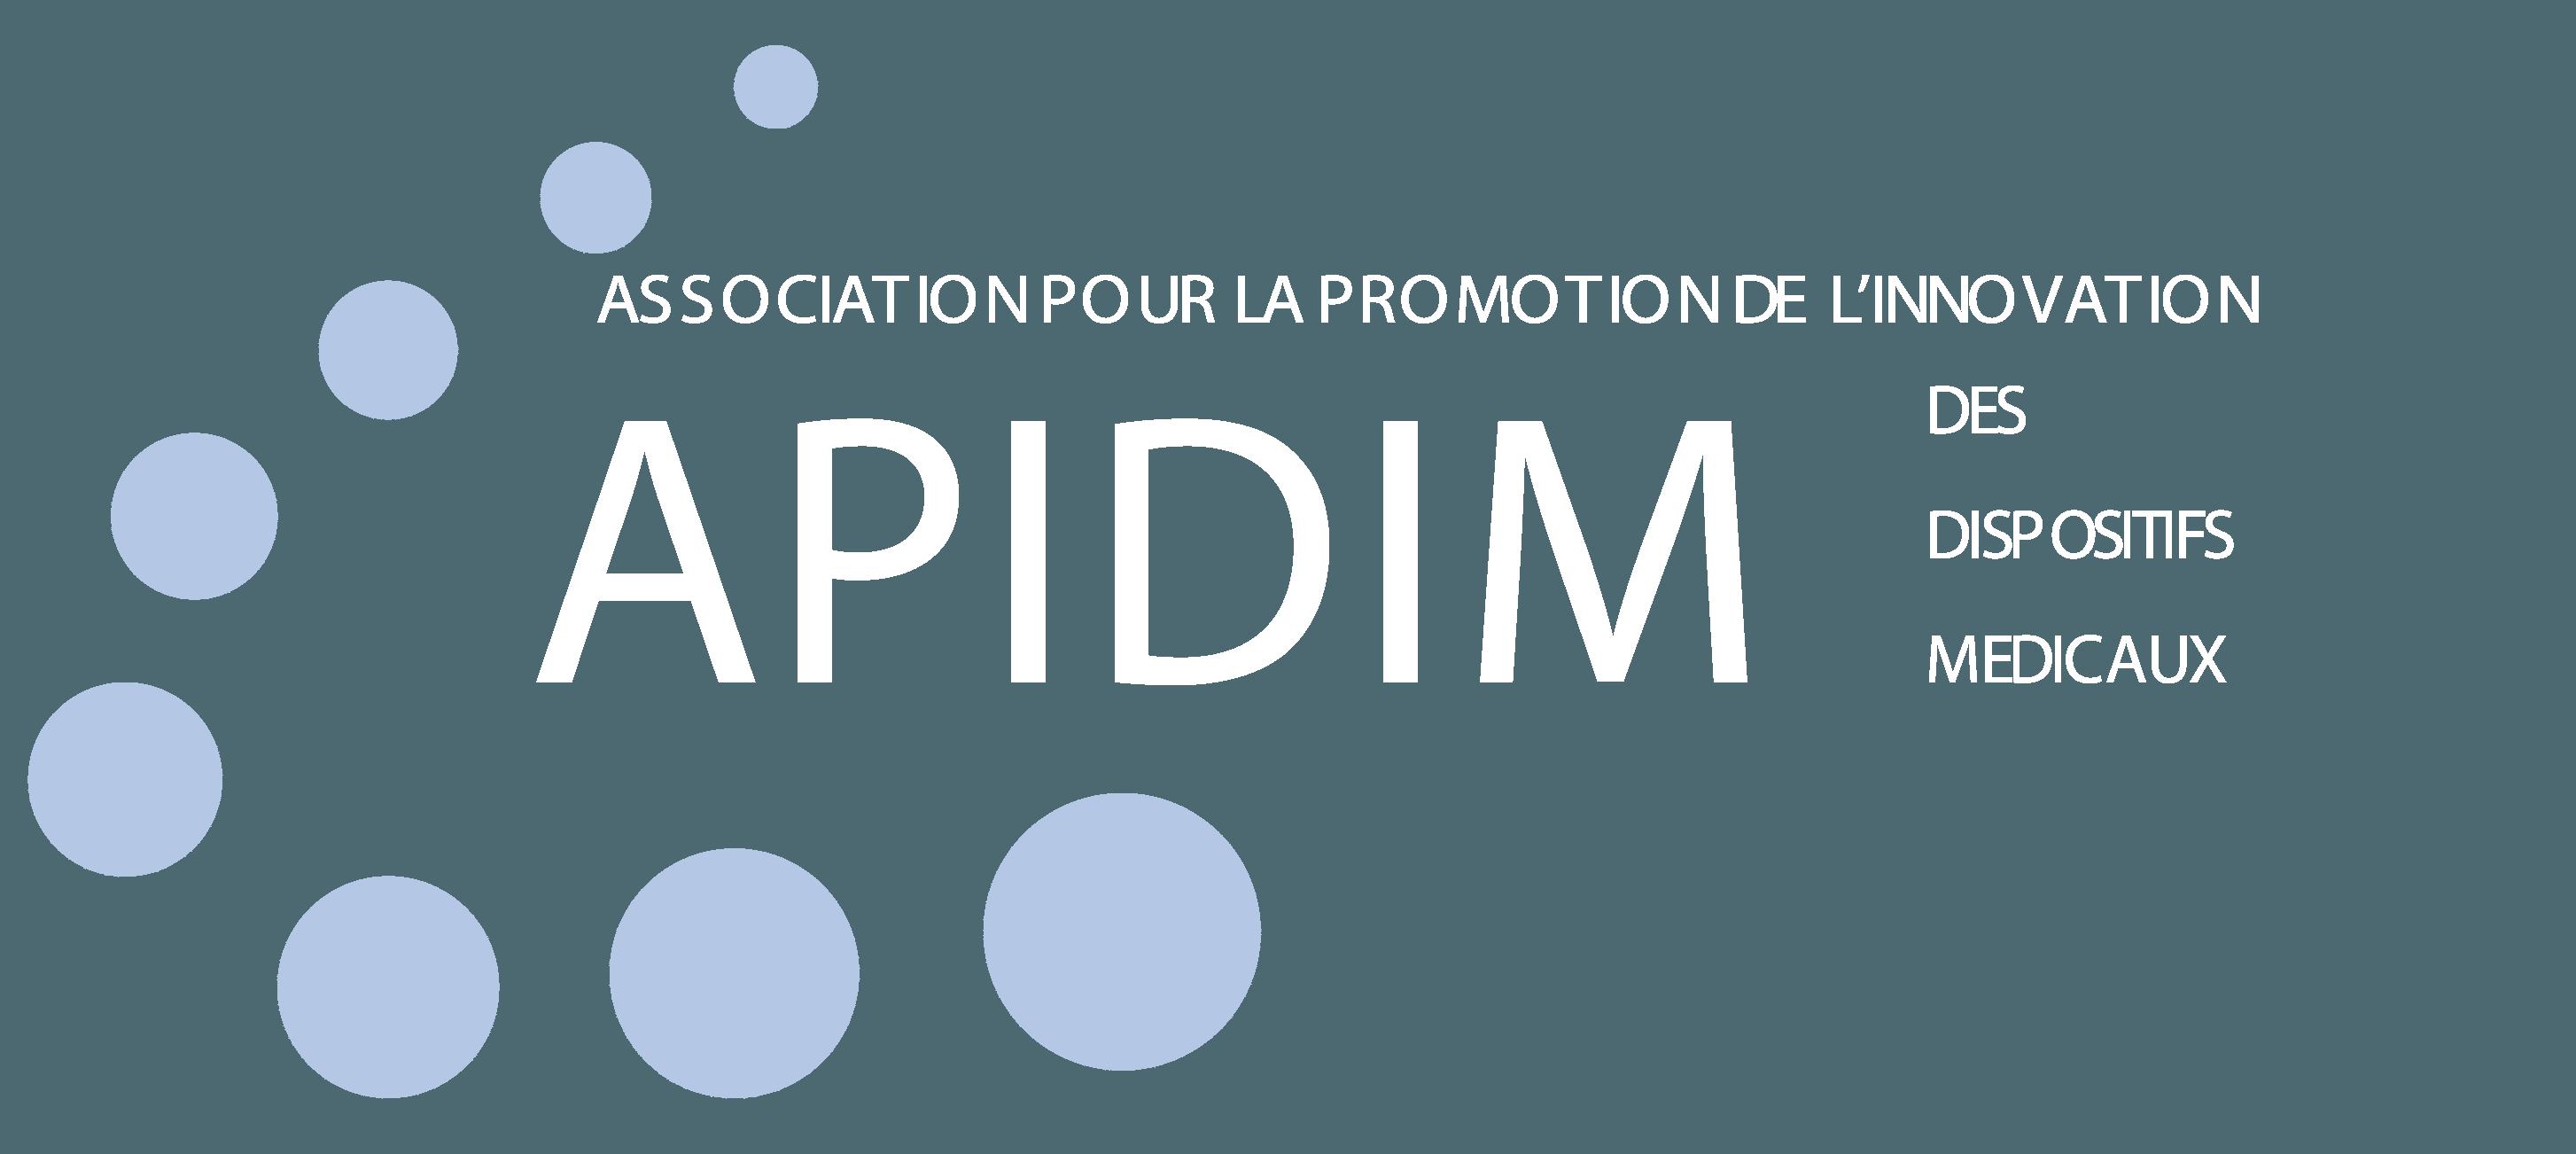 APIDIM